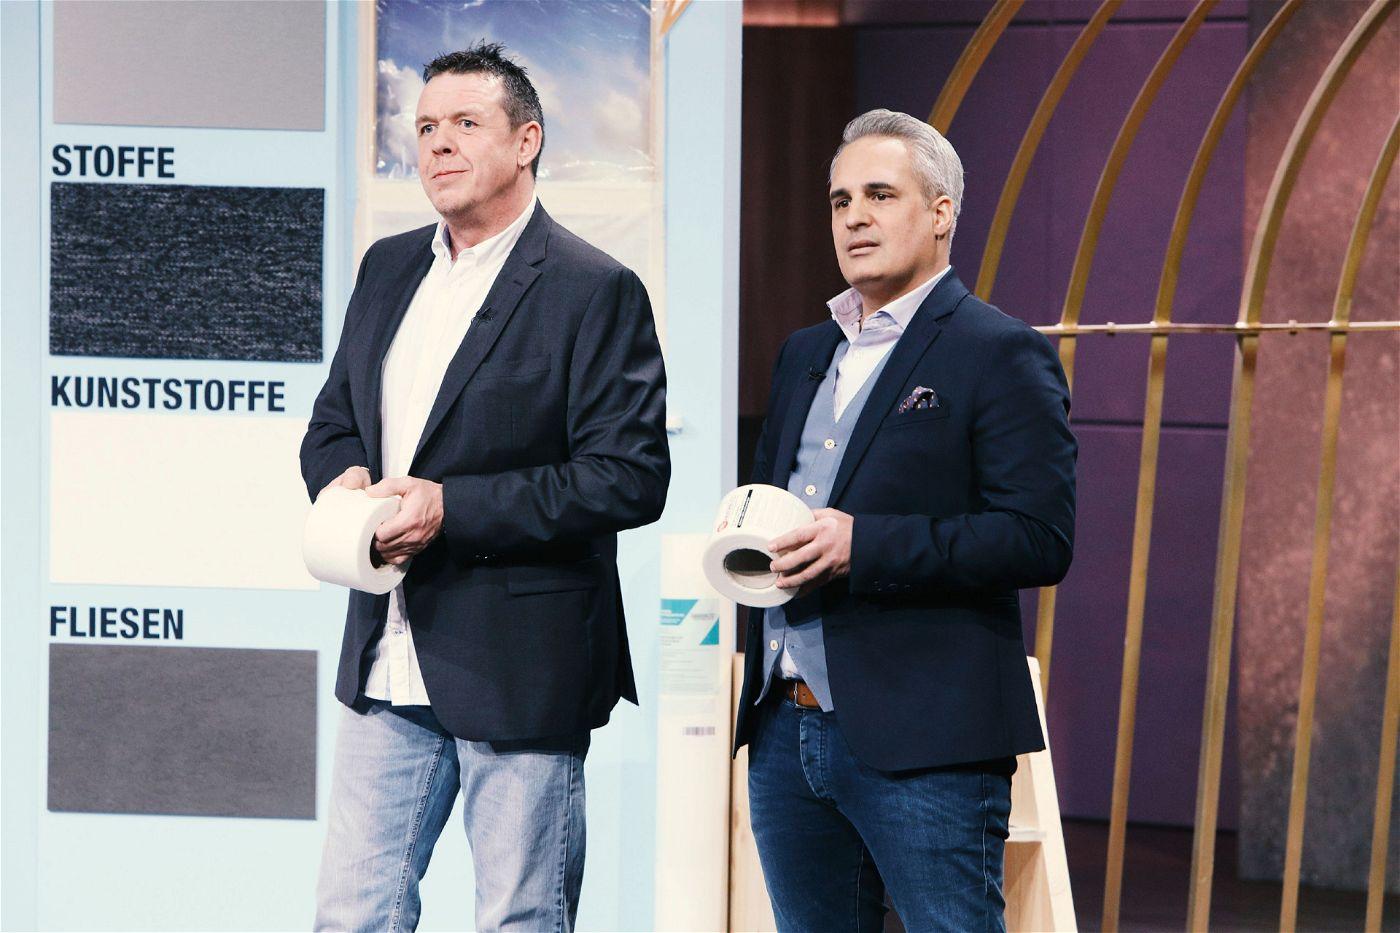 """<p><b>Der Gründer und sein Produkt</b>: Mario Ballheimer (48, l.) stellt den """"Abdeckblitz"""" vor. Das selbstklebende Schutzvlies besteht aus einem robusten Material mit einer rutschhemmenden Oberfläche, welches einfach ausgelegt, angedrückt und zugeschnitten wird.<p><b>Der Wunsch</b>: 100.000 Euro für einen Firmenanteil von zehn Prozent.</p> <p><b>Der Deal</b>: Ralf Dümmel investiert 100.000 Euro für 25 Prozent der Firmenanteile.</p>"""